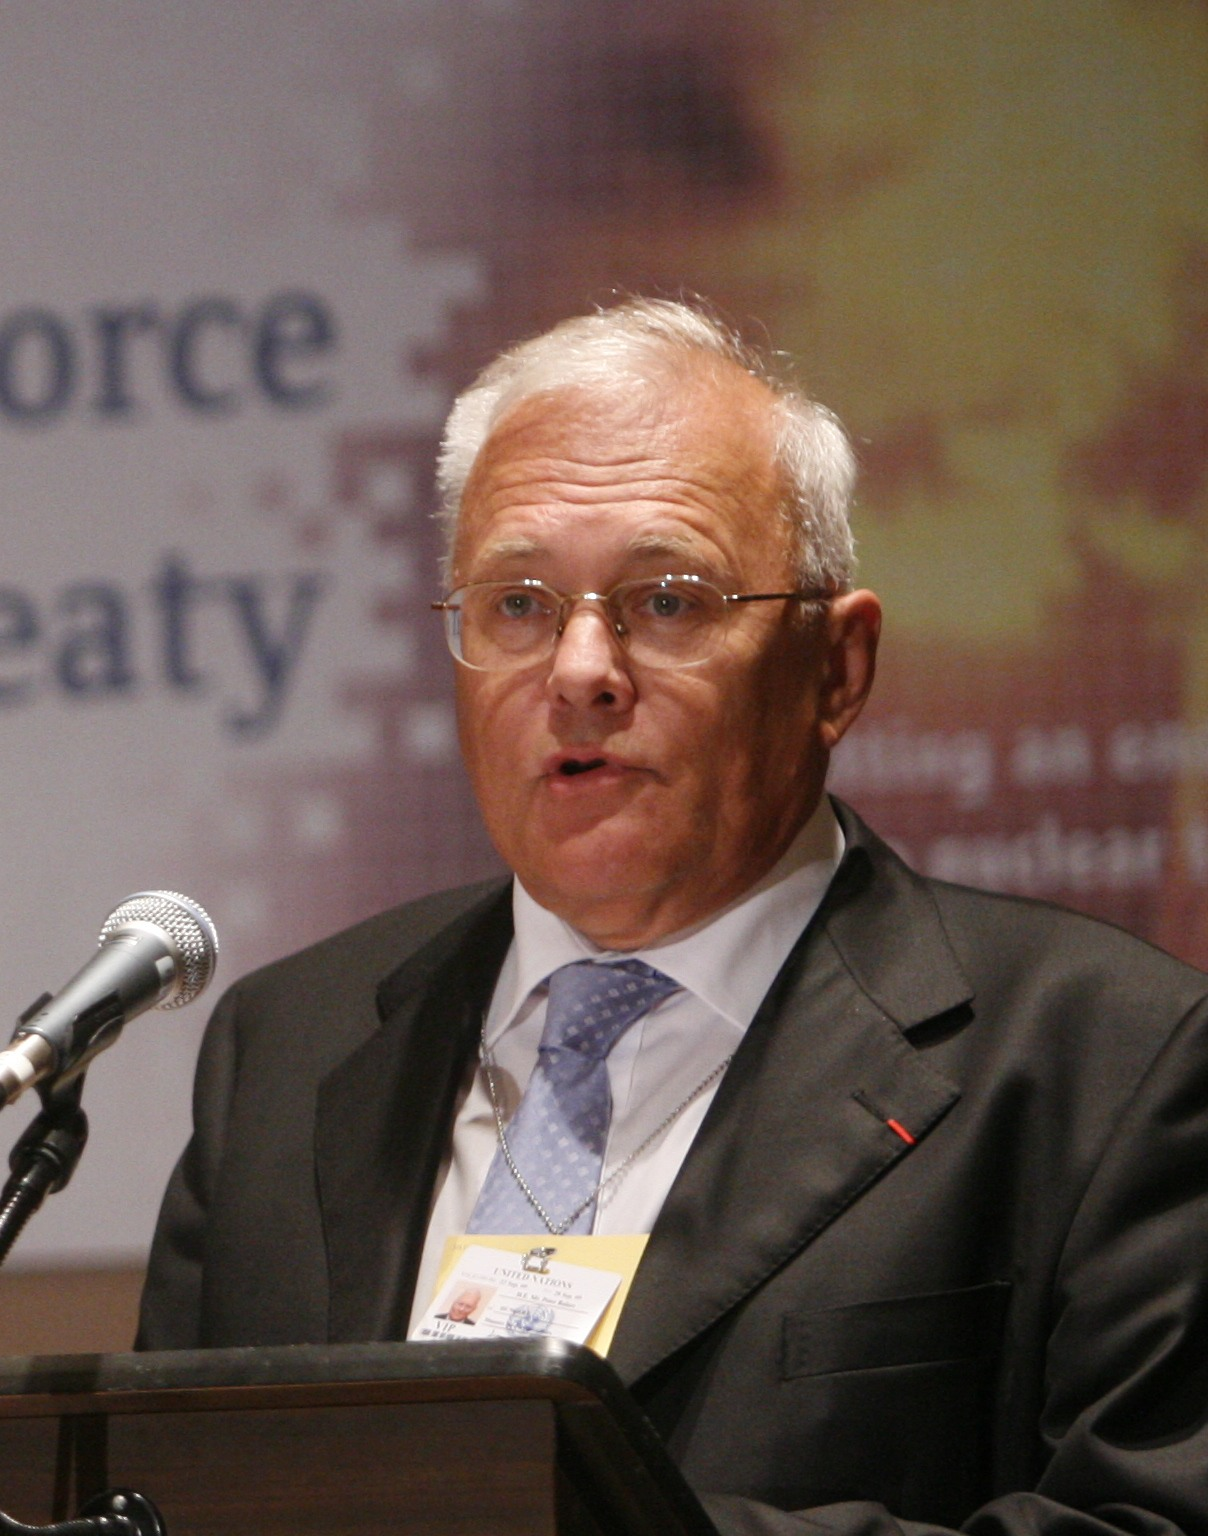 Péter Balázs, 2009